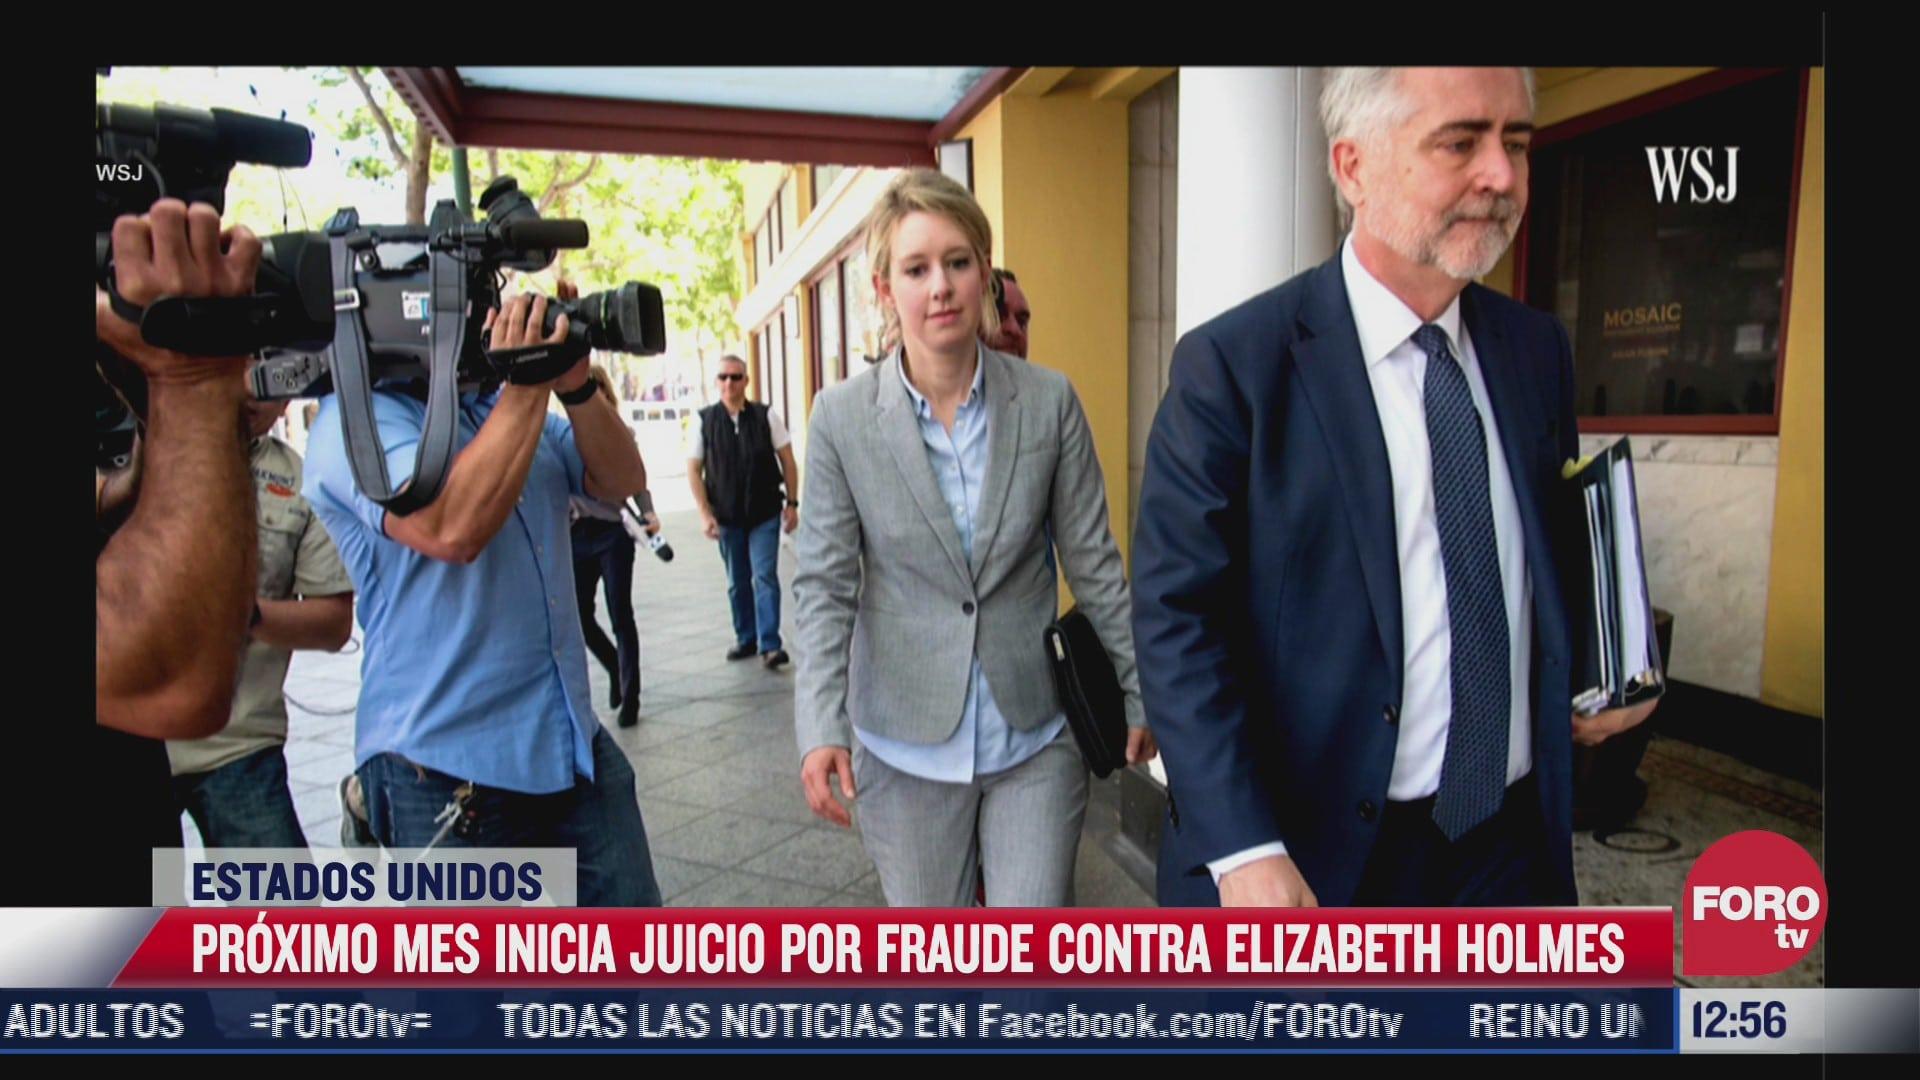 proximo mes inicia juicio por fraude contra elizabeth holmes